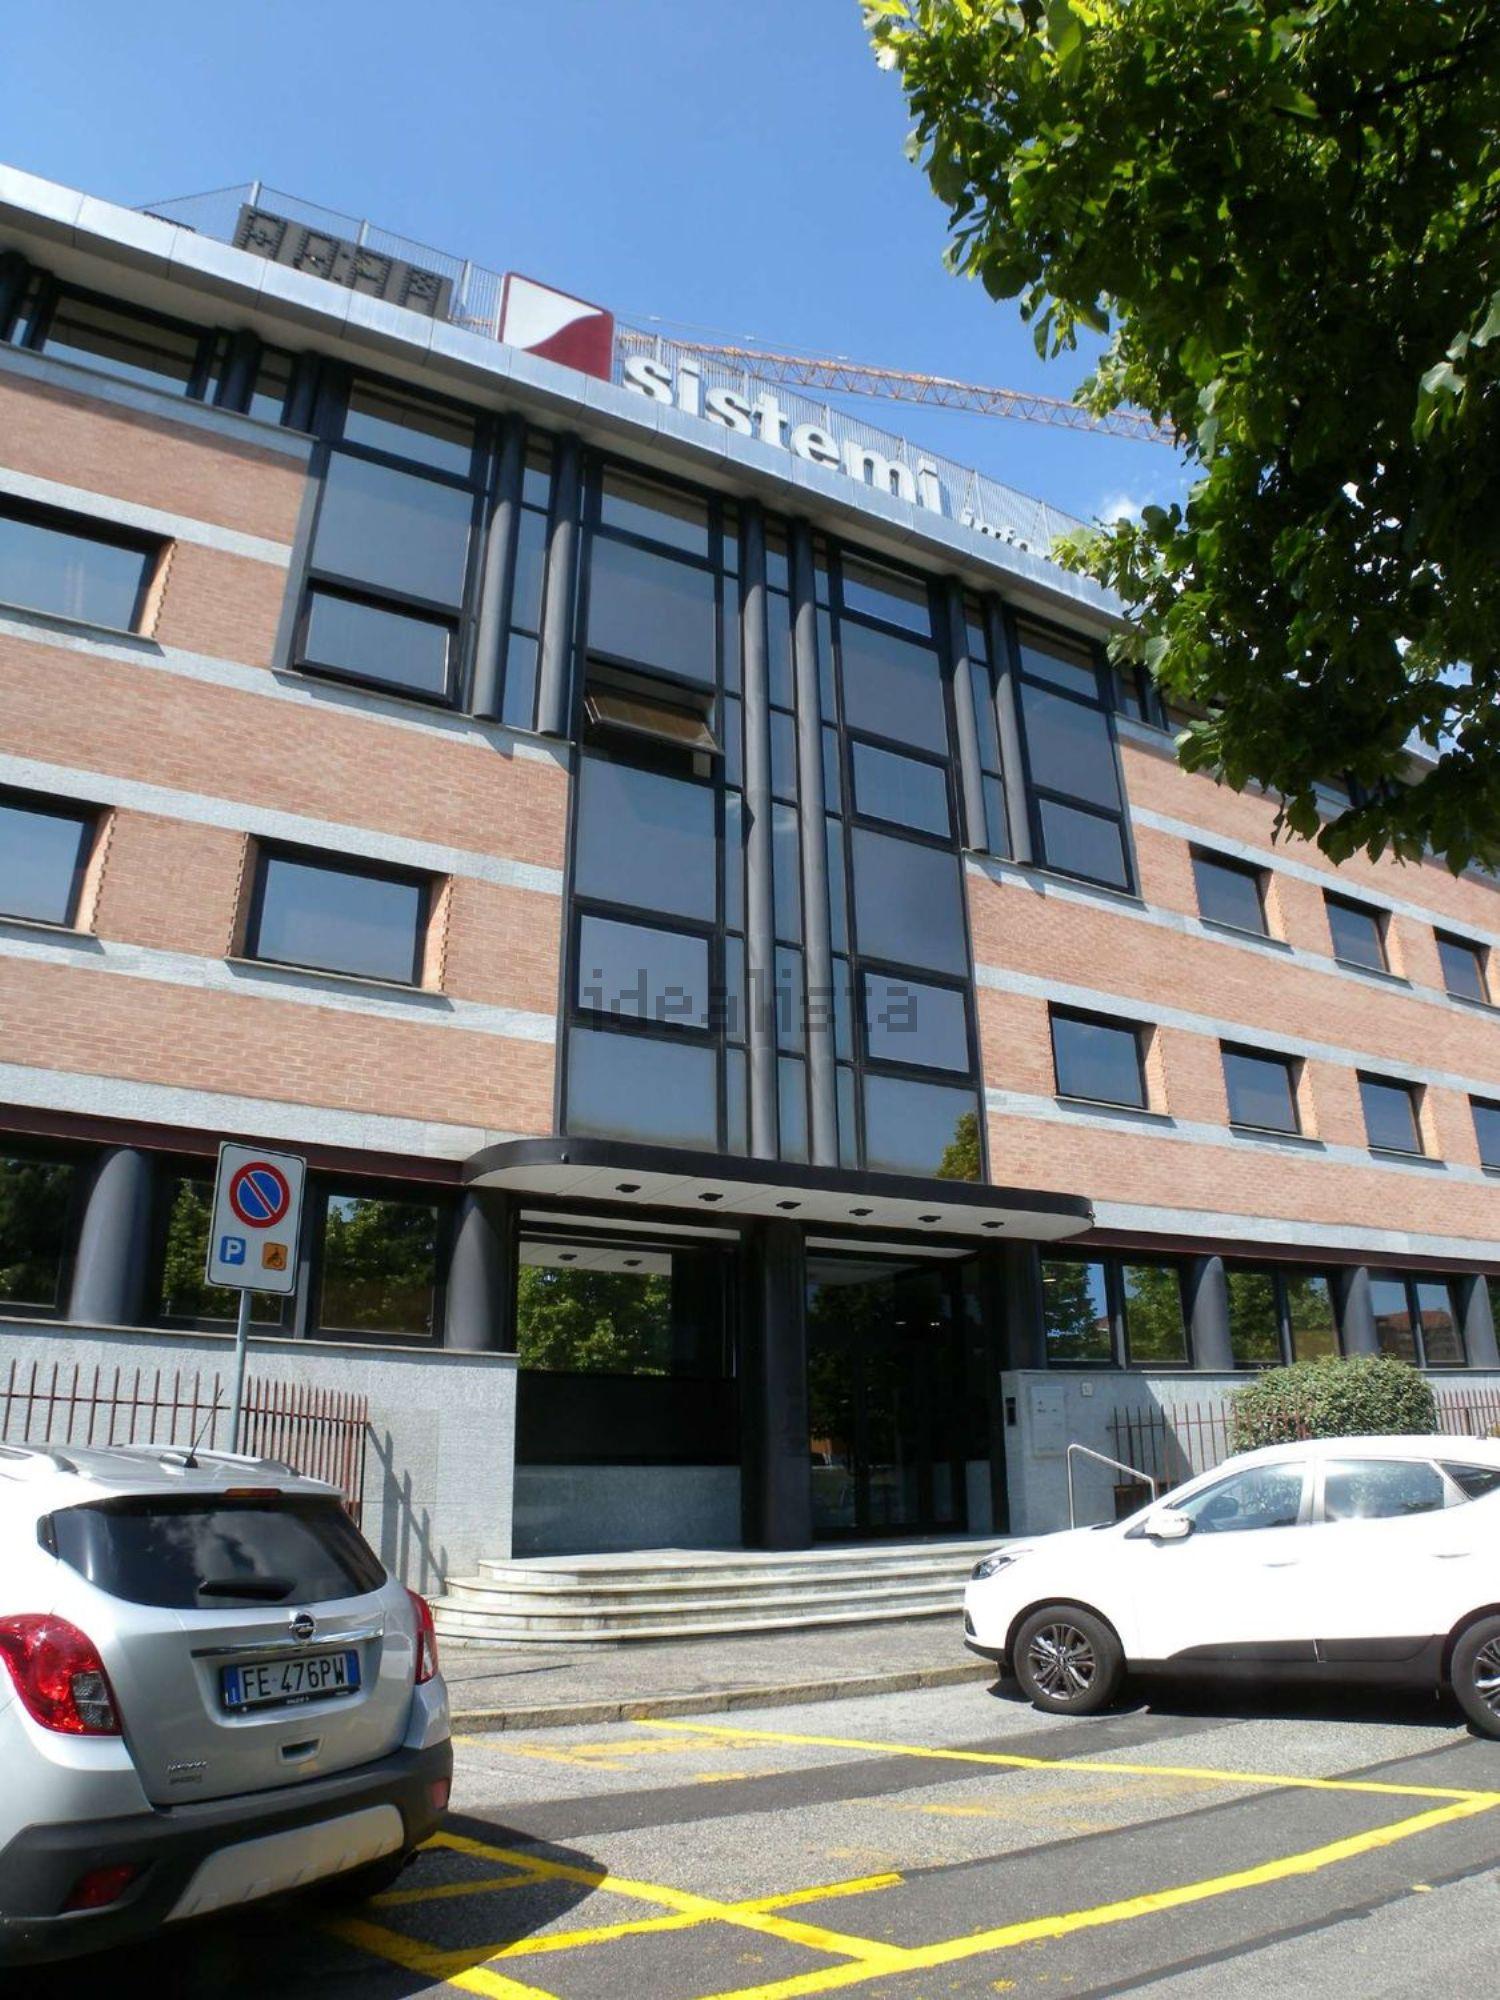 Uffici in affitto a collegno in zona corso francia for Affitto ufficio corso francia roma